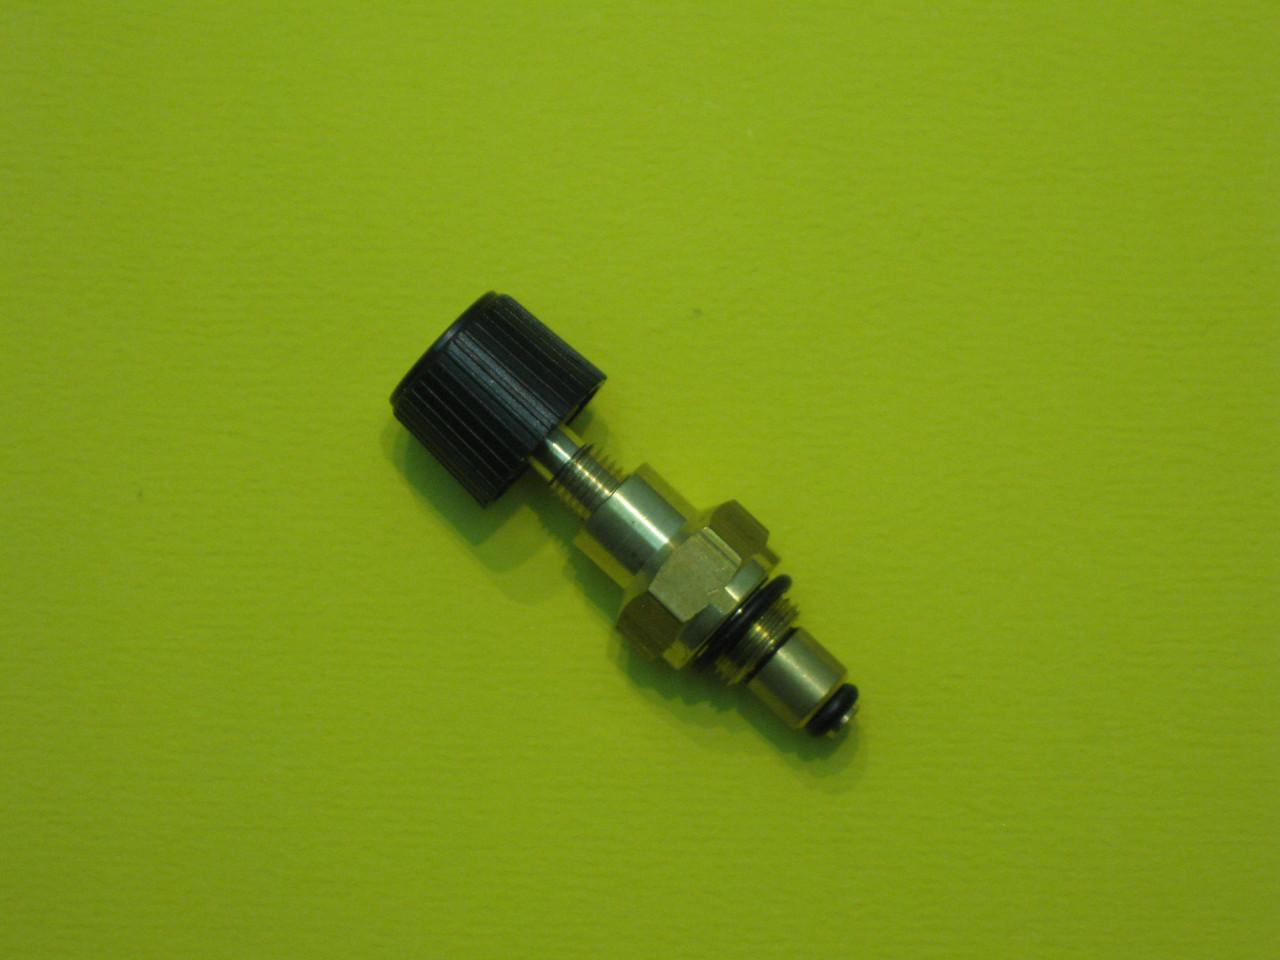 Кран подпитки 3003200605 (D003200605) Demrad Tayros ВК (НК) 124 / 128, Kalisto HK (BK)-B-124 / 130D